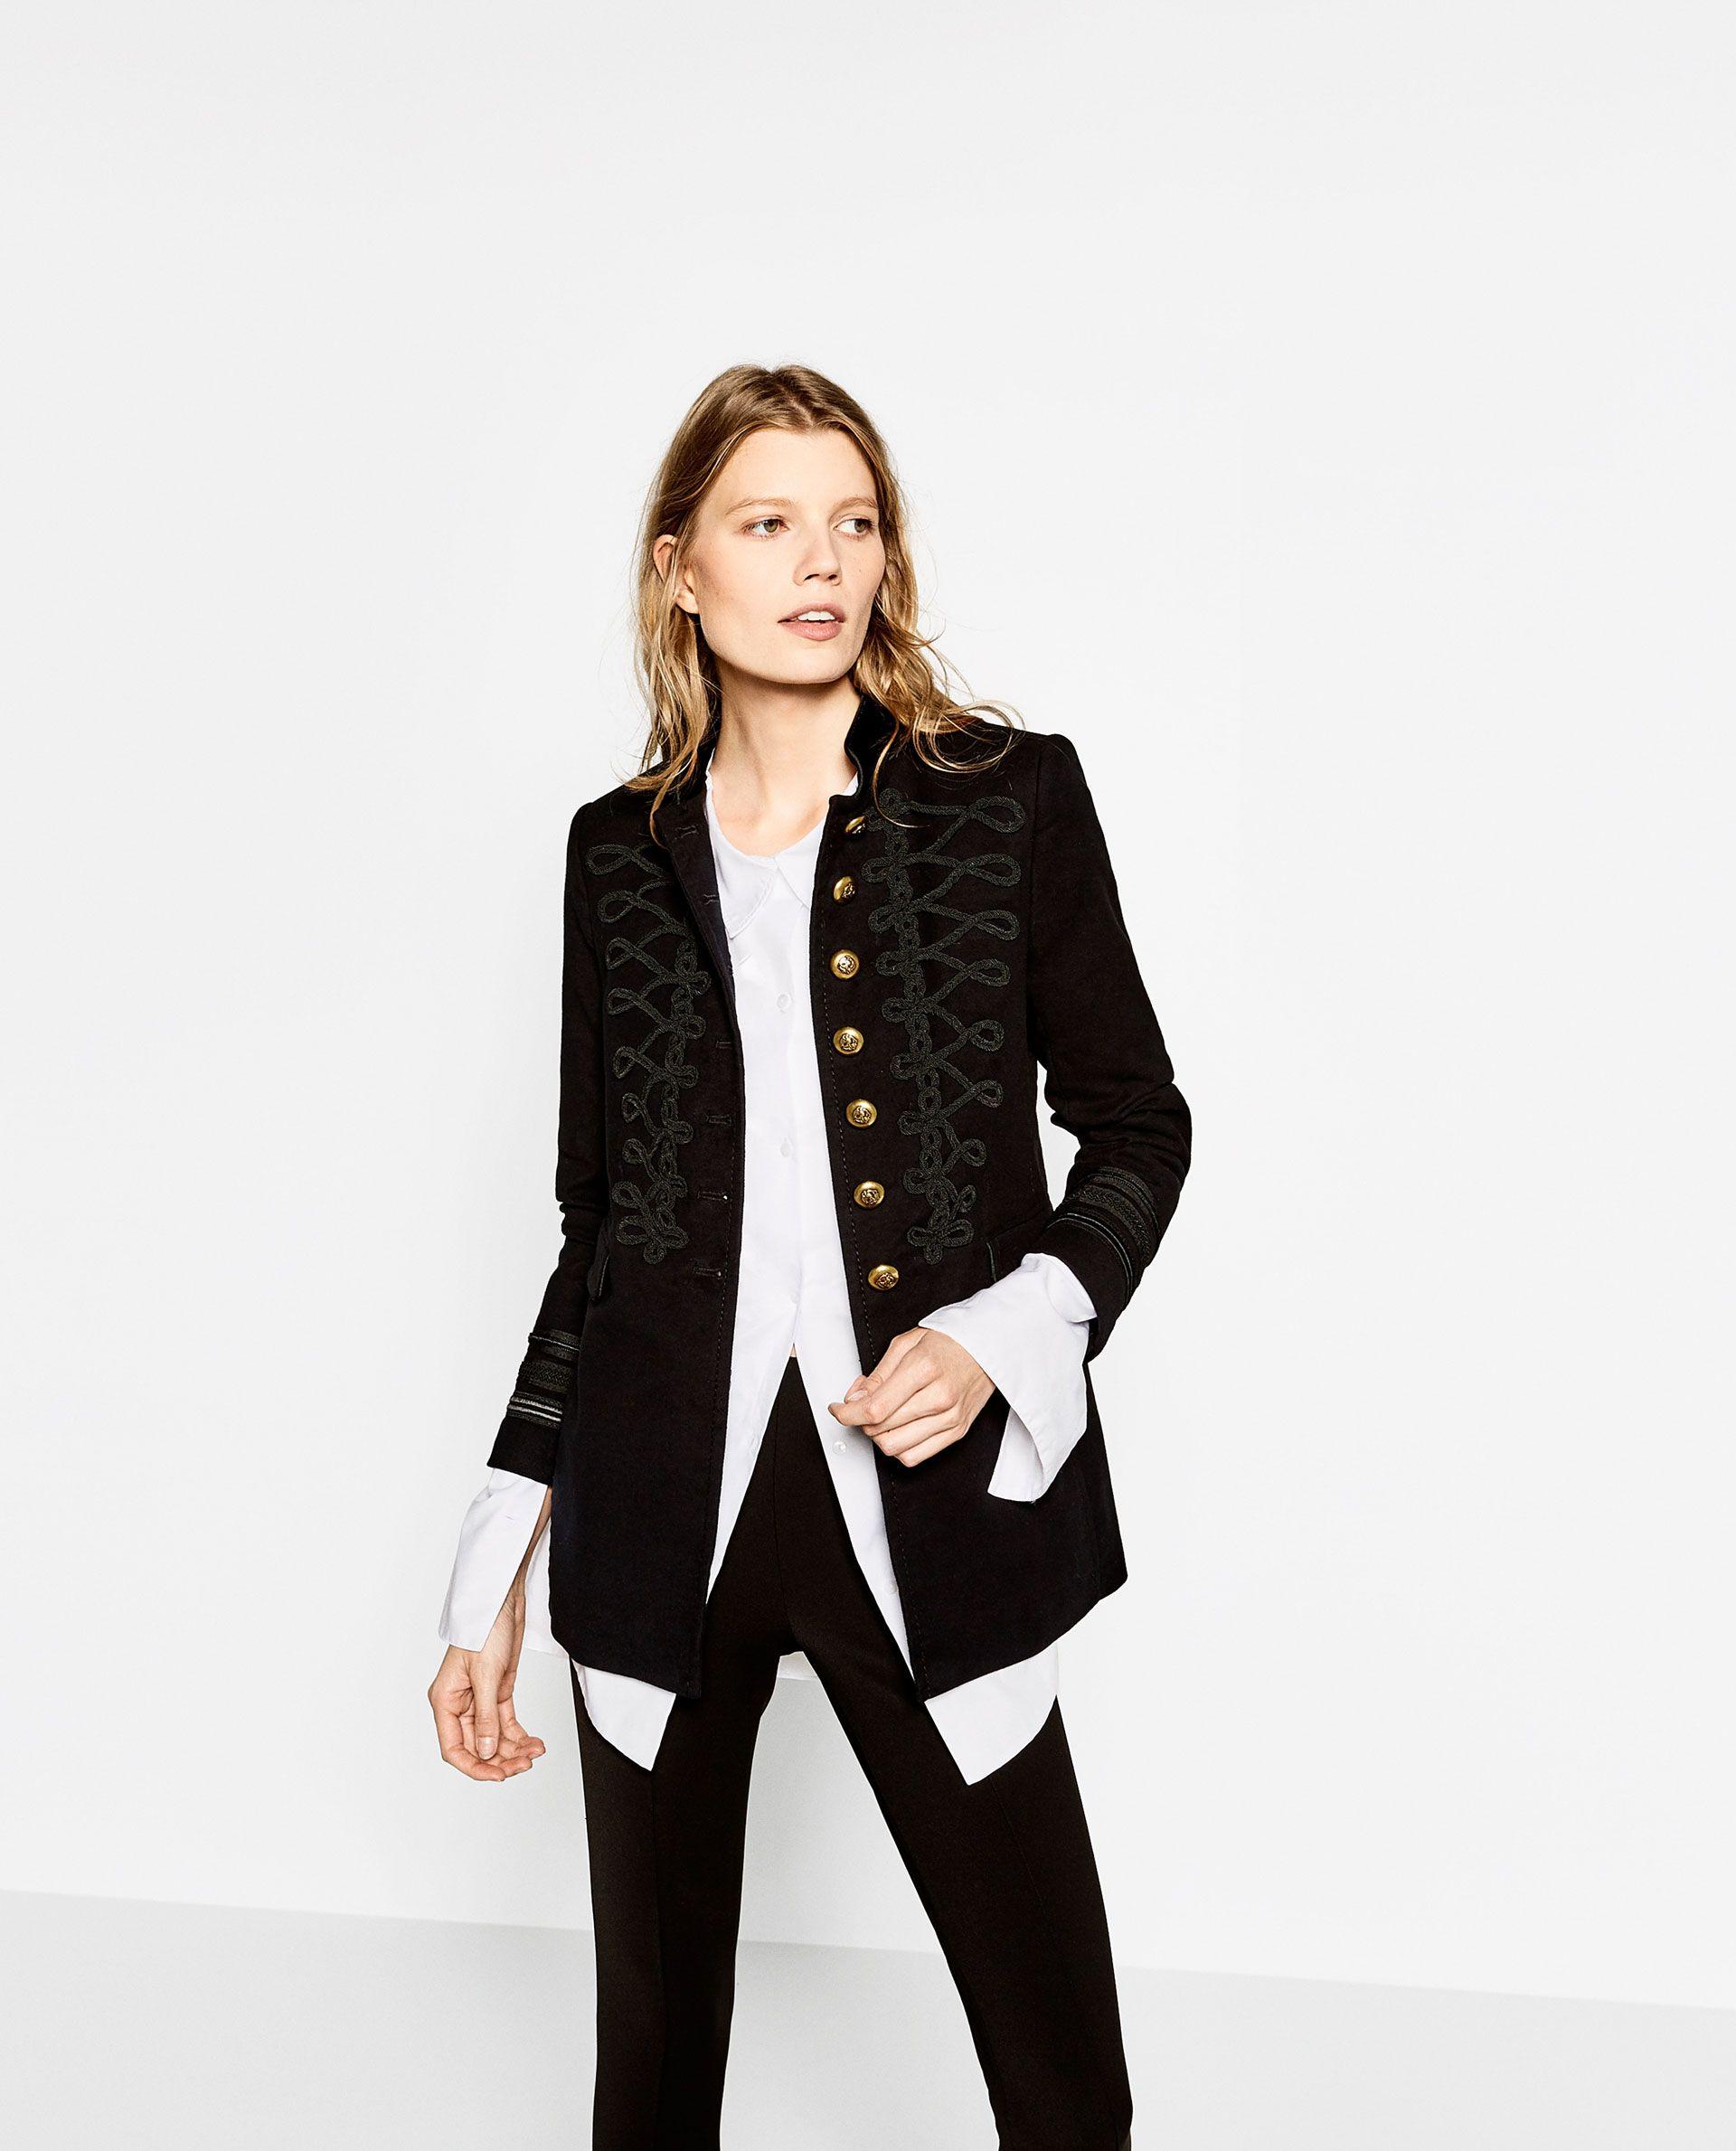 zara femme veste militaire en velours pour moi pinterest veste veste militaire et. Black Bedroom Furniture Sets. Home Design Ideas